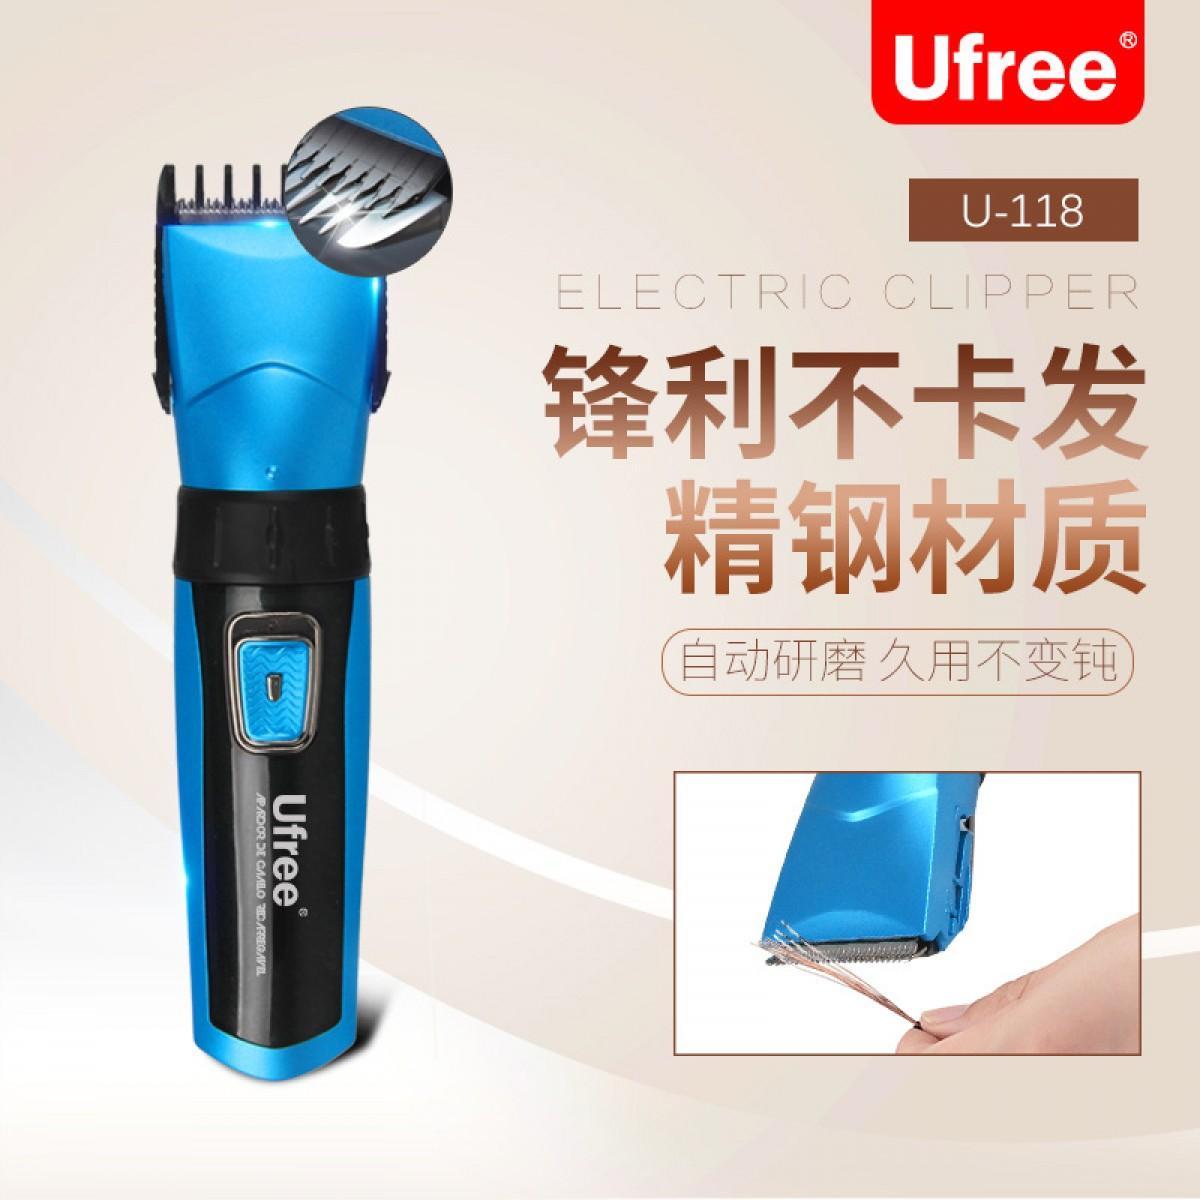 超静音充电式理发器成人儿童婴儿通用电动剃头刀宝宝防水电推剪